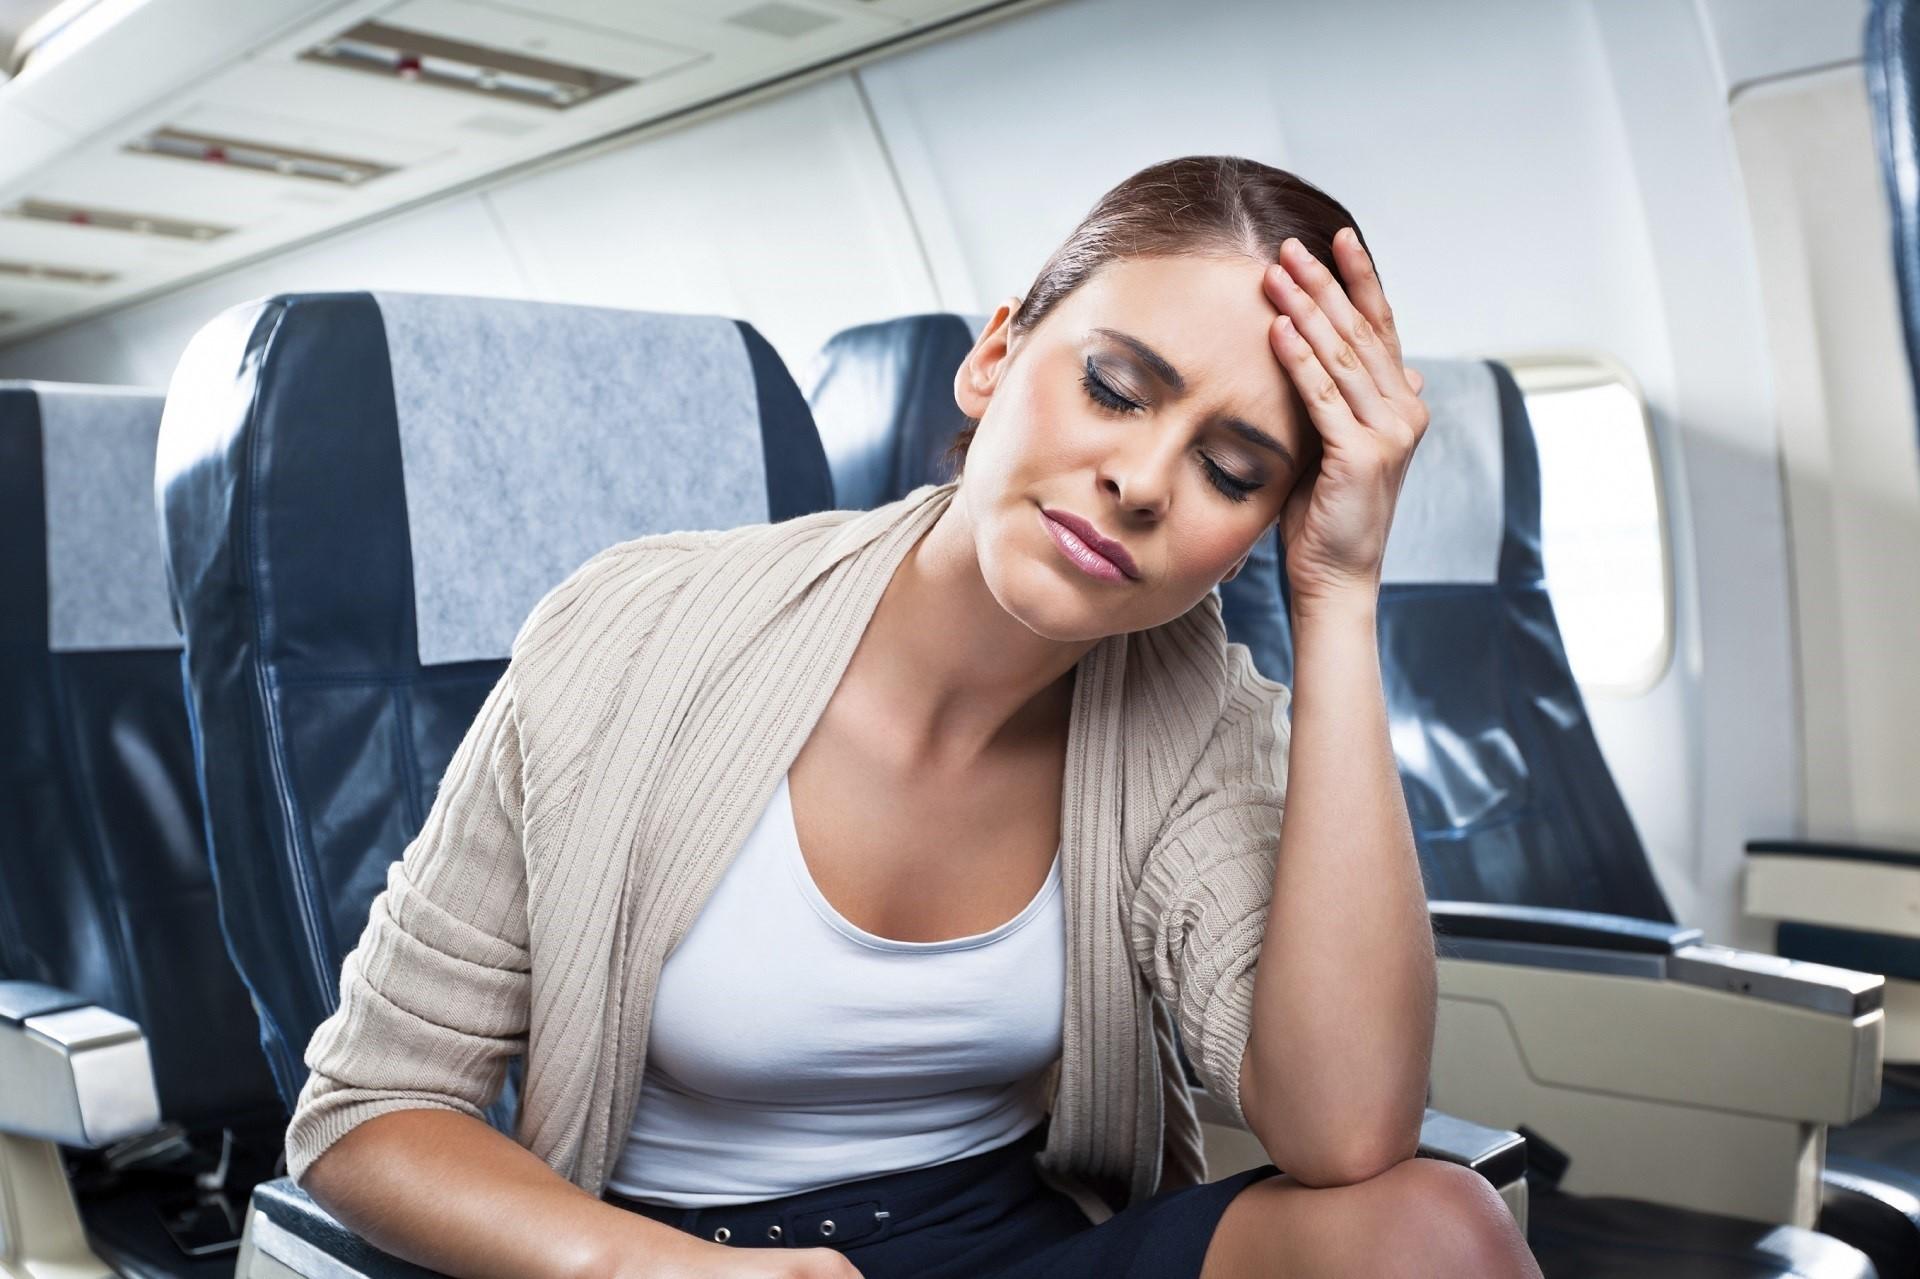 Resultado de imagen de motion sickness on airplane